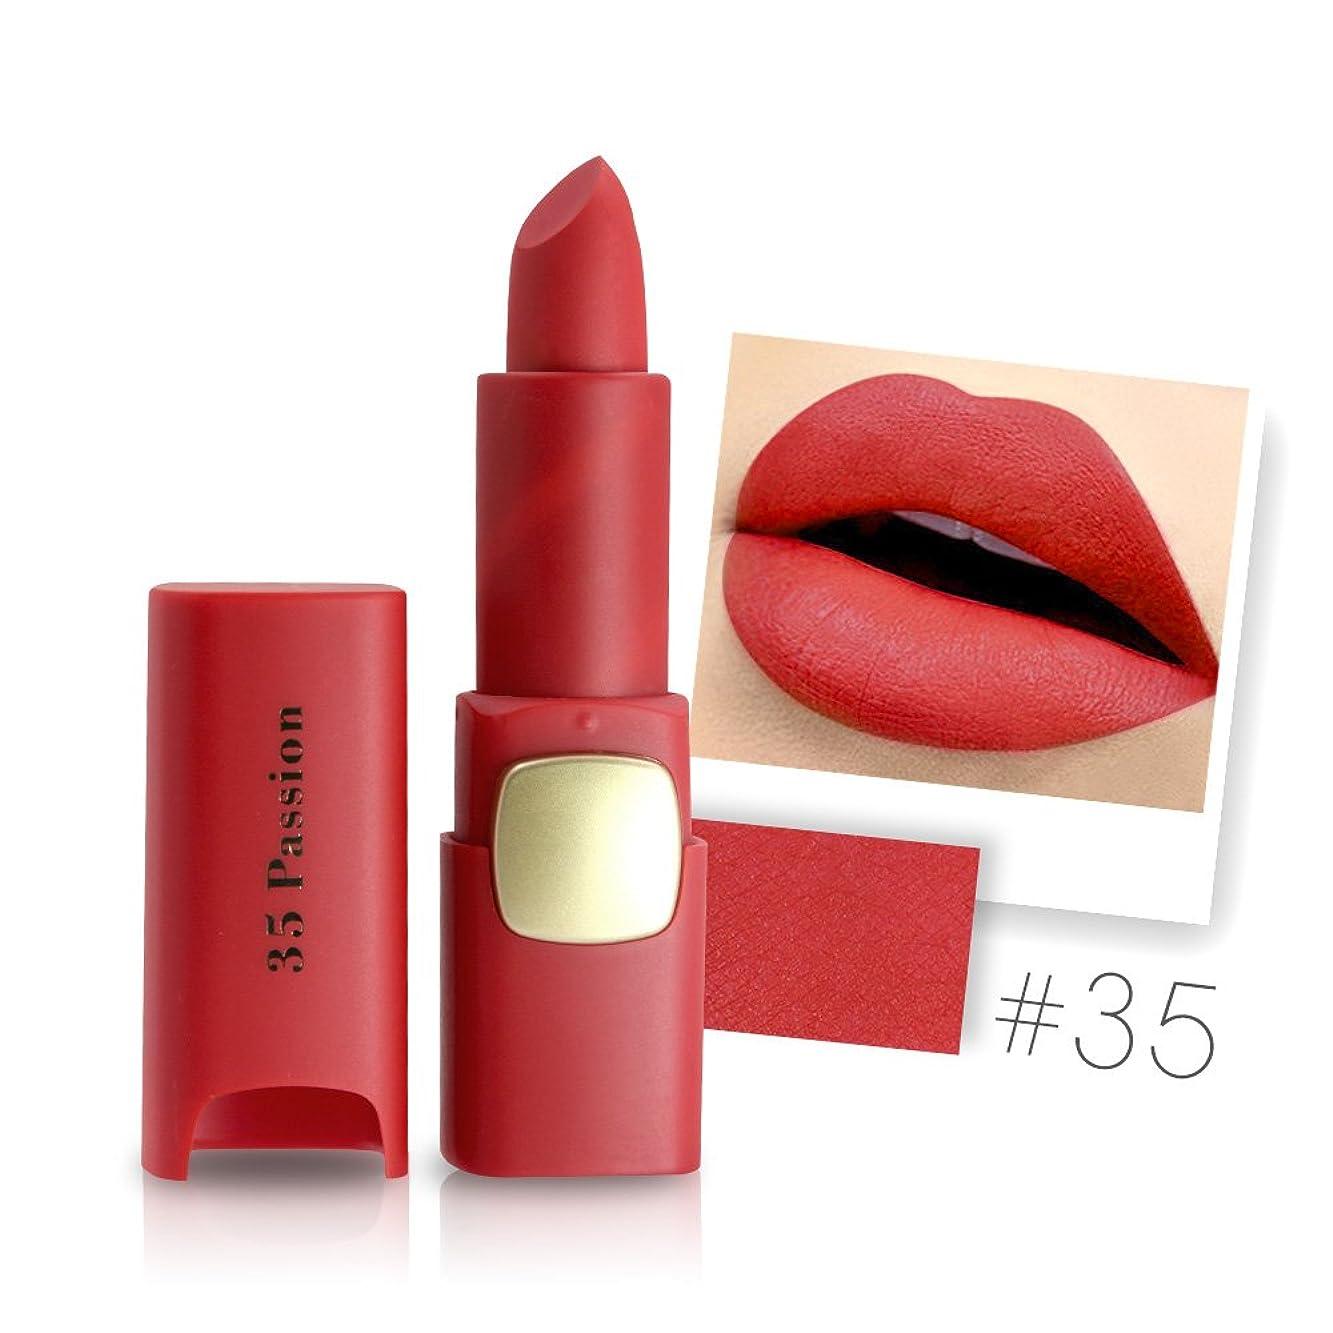 サイト責任者論理的にMiss Rose Brand Matte Lipstick Waterproof Lips Moisturizing Easy To Wear Makeup Lip Sticks Gloss Lipsticks Cosmetic